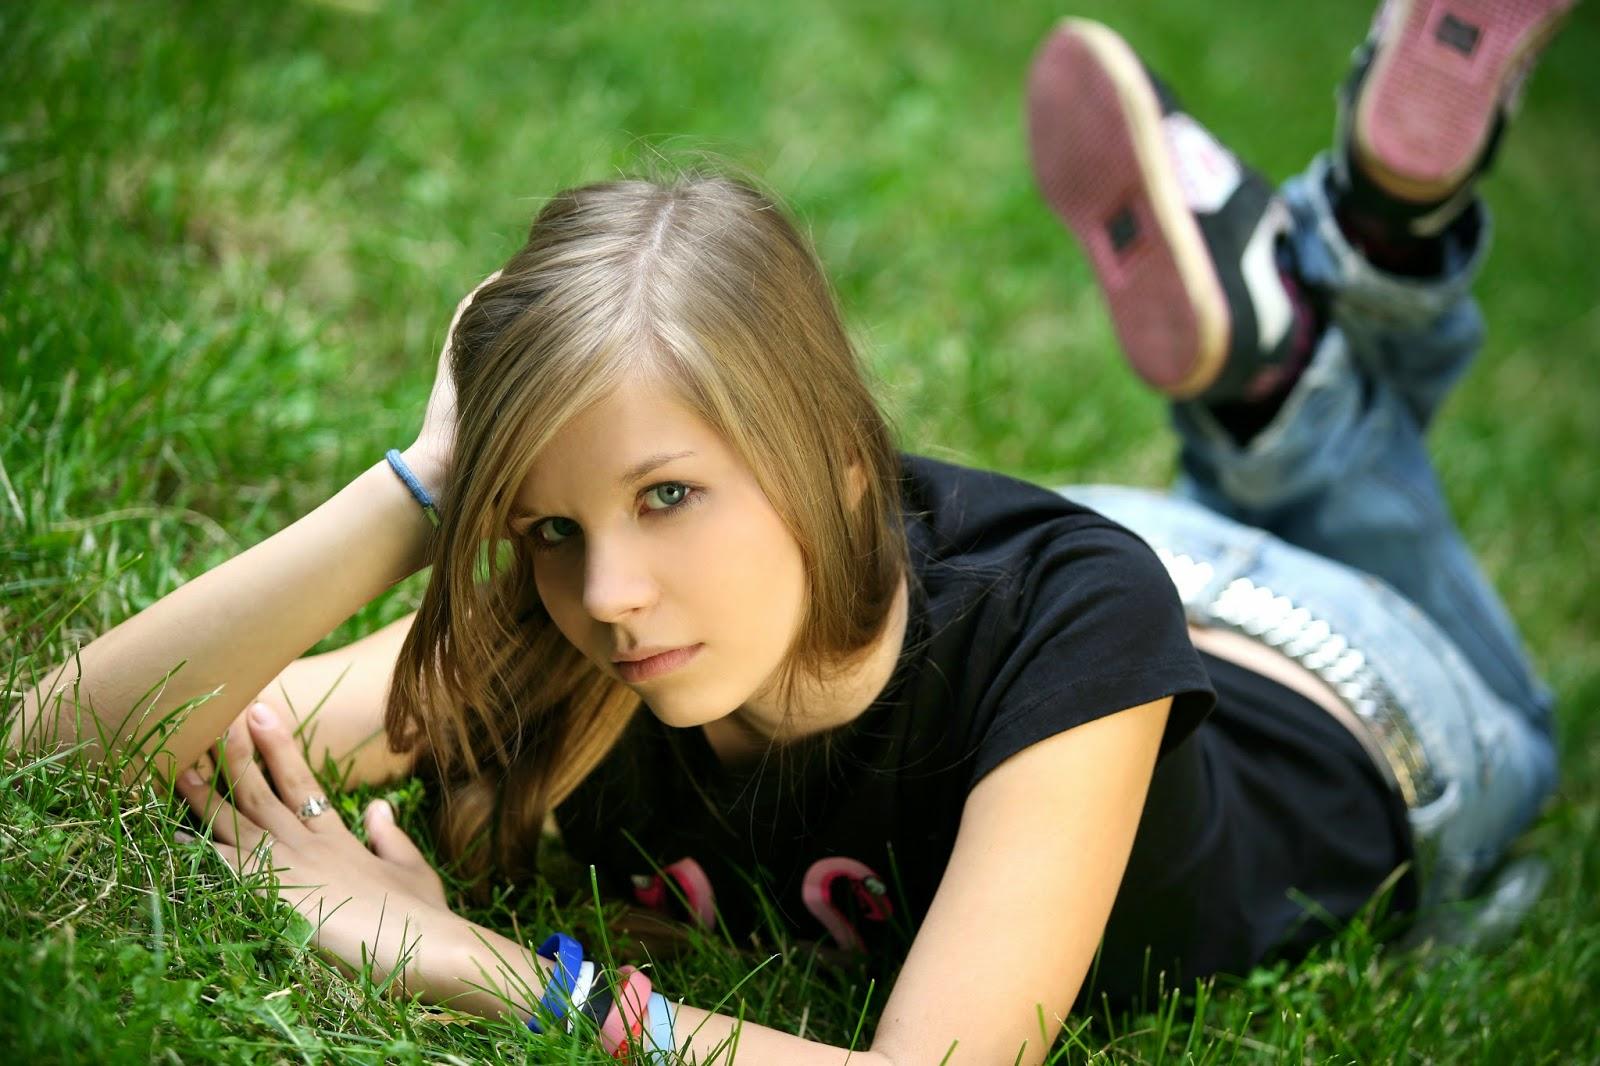 Фото девочек подростков крупно 18 фотография